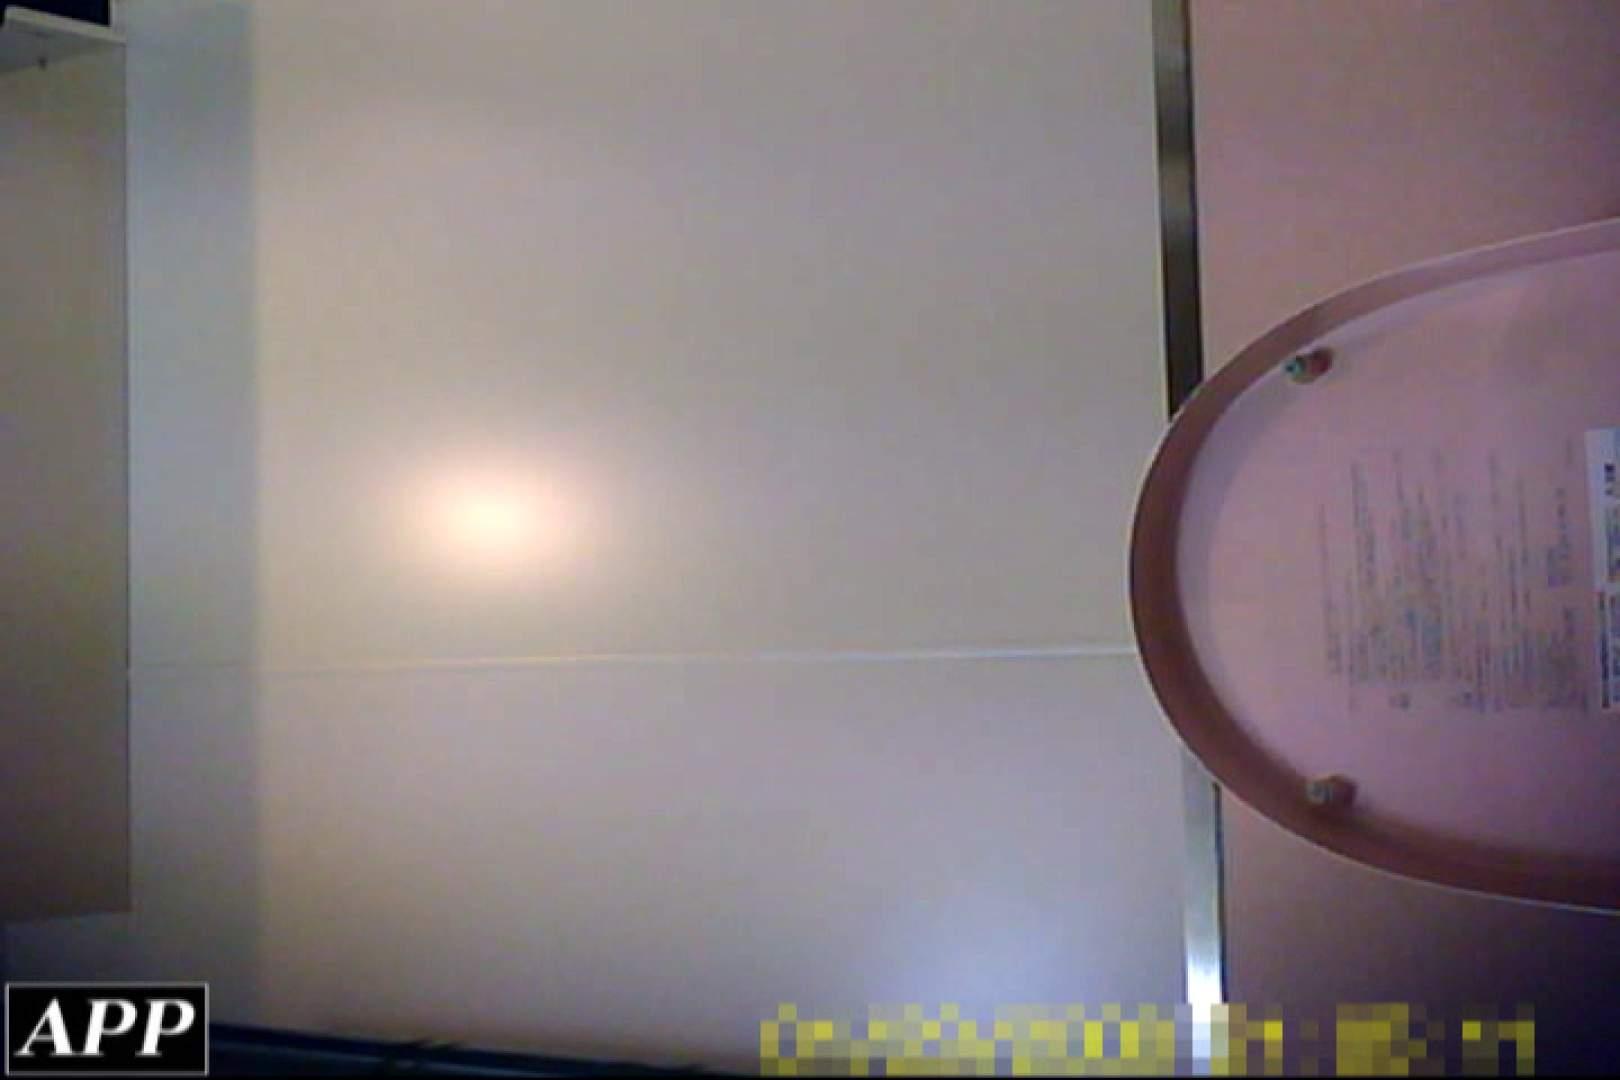 3視点洗面所 vol.19 肛門 のぞき動画画像 96PIX 59